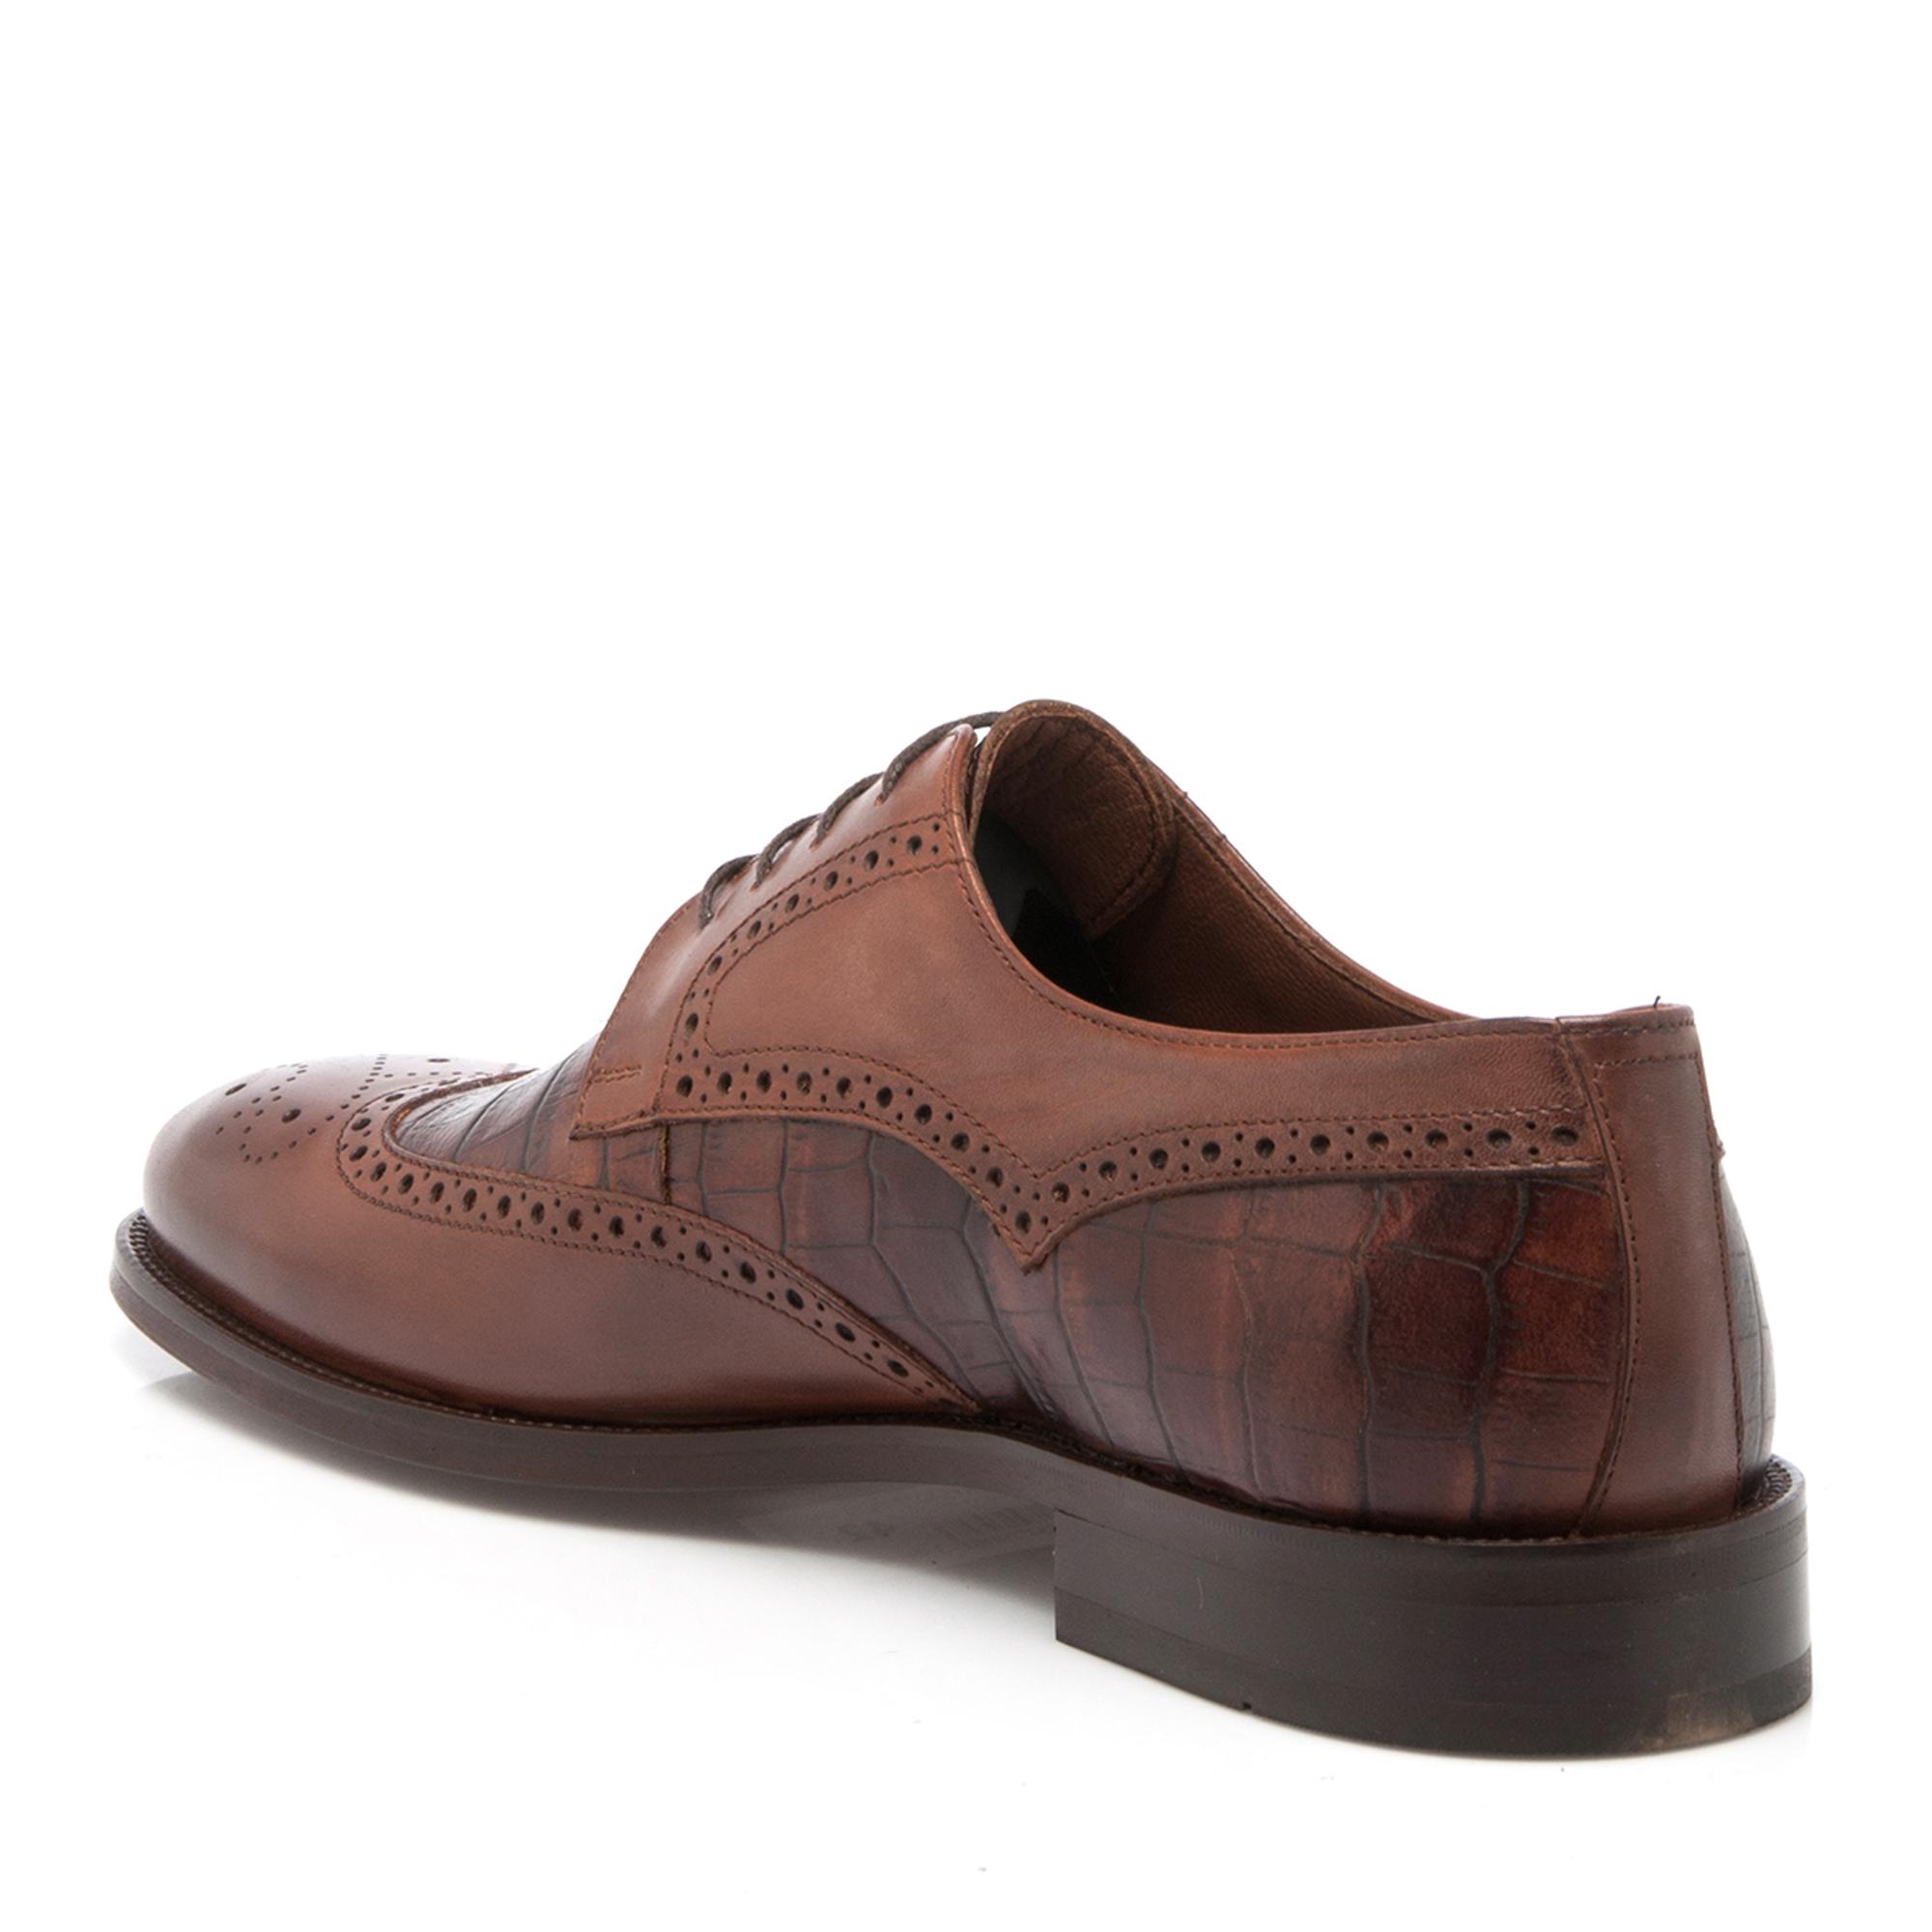 Taba-Croco Deri Erkek Ayakkabı 54077K7O